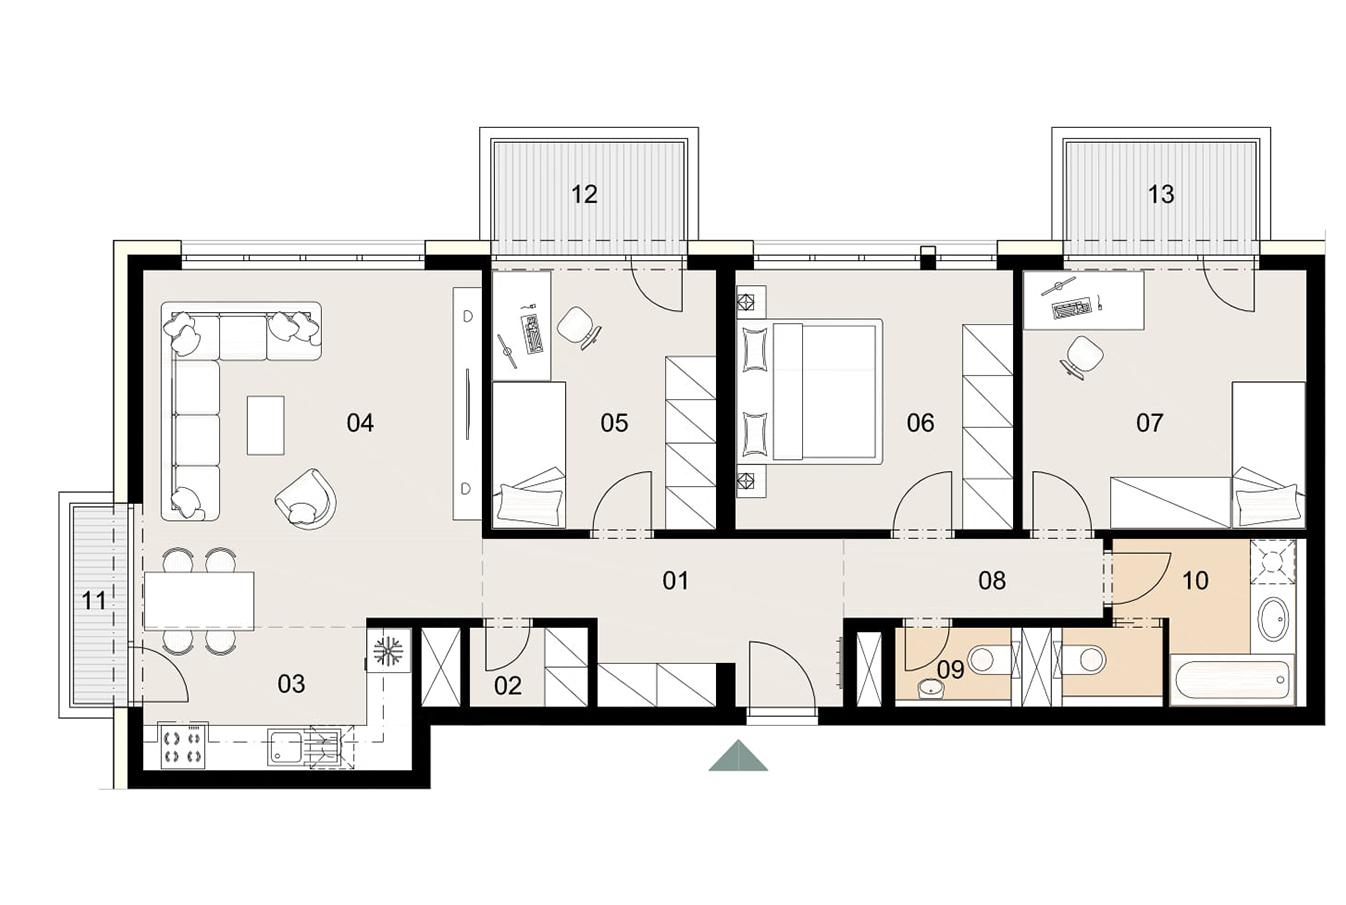 Rosenhaus byt 408, 4-izbový. Novostavba Vrakuňa.